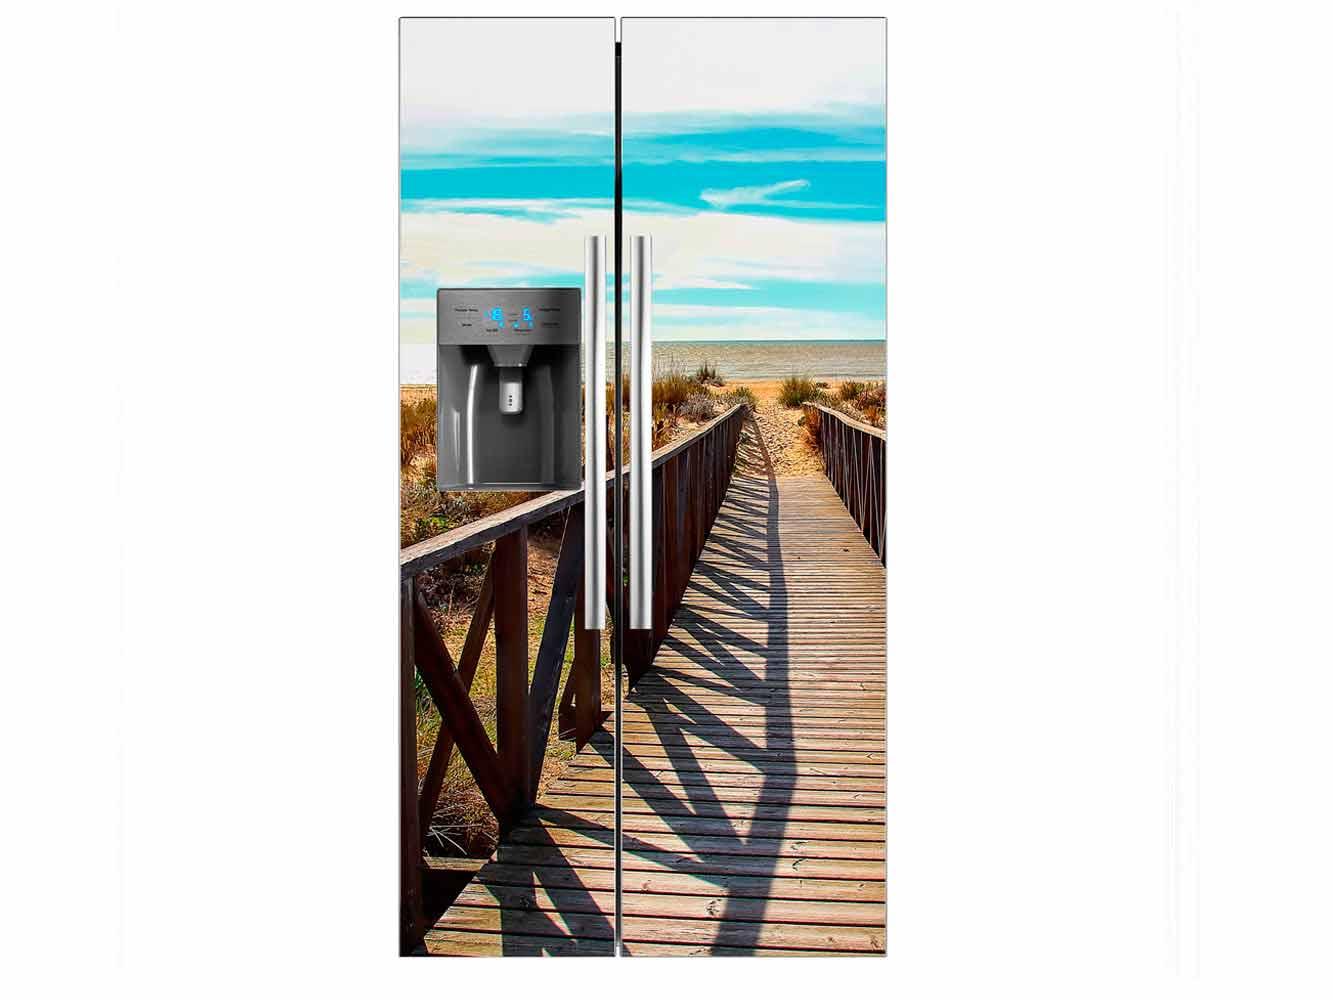 Vinilo Frigorífico Pasarela Playa | Carteles XXL - Impresión carteleria publicitaria